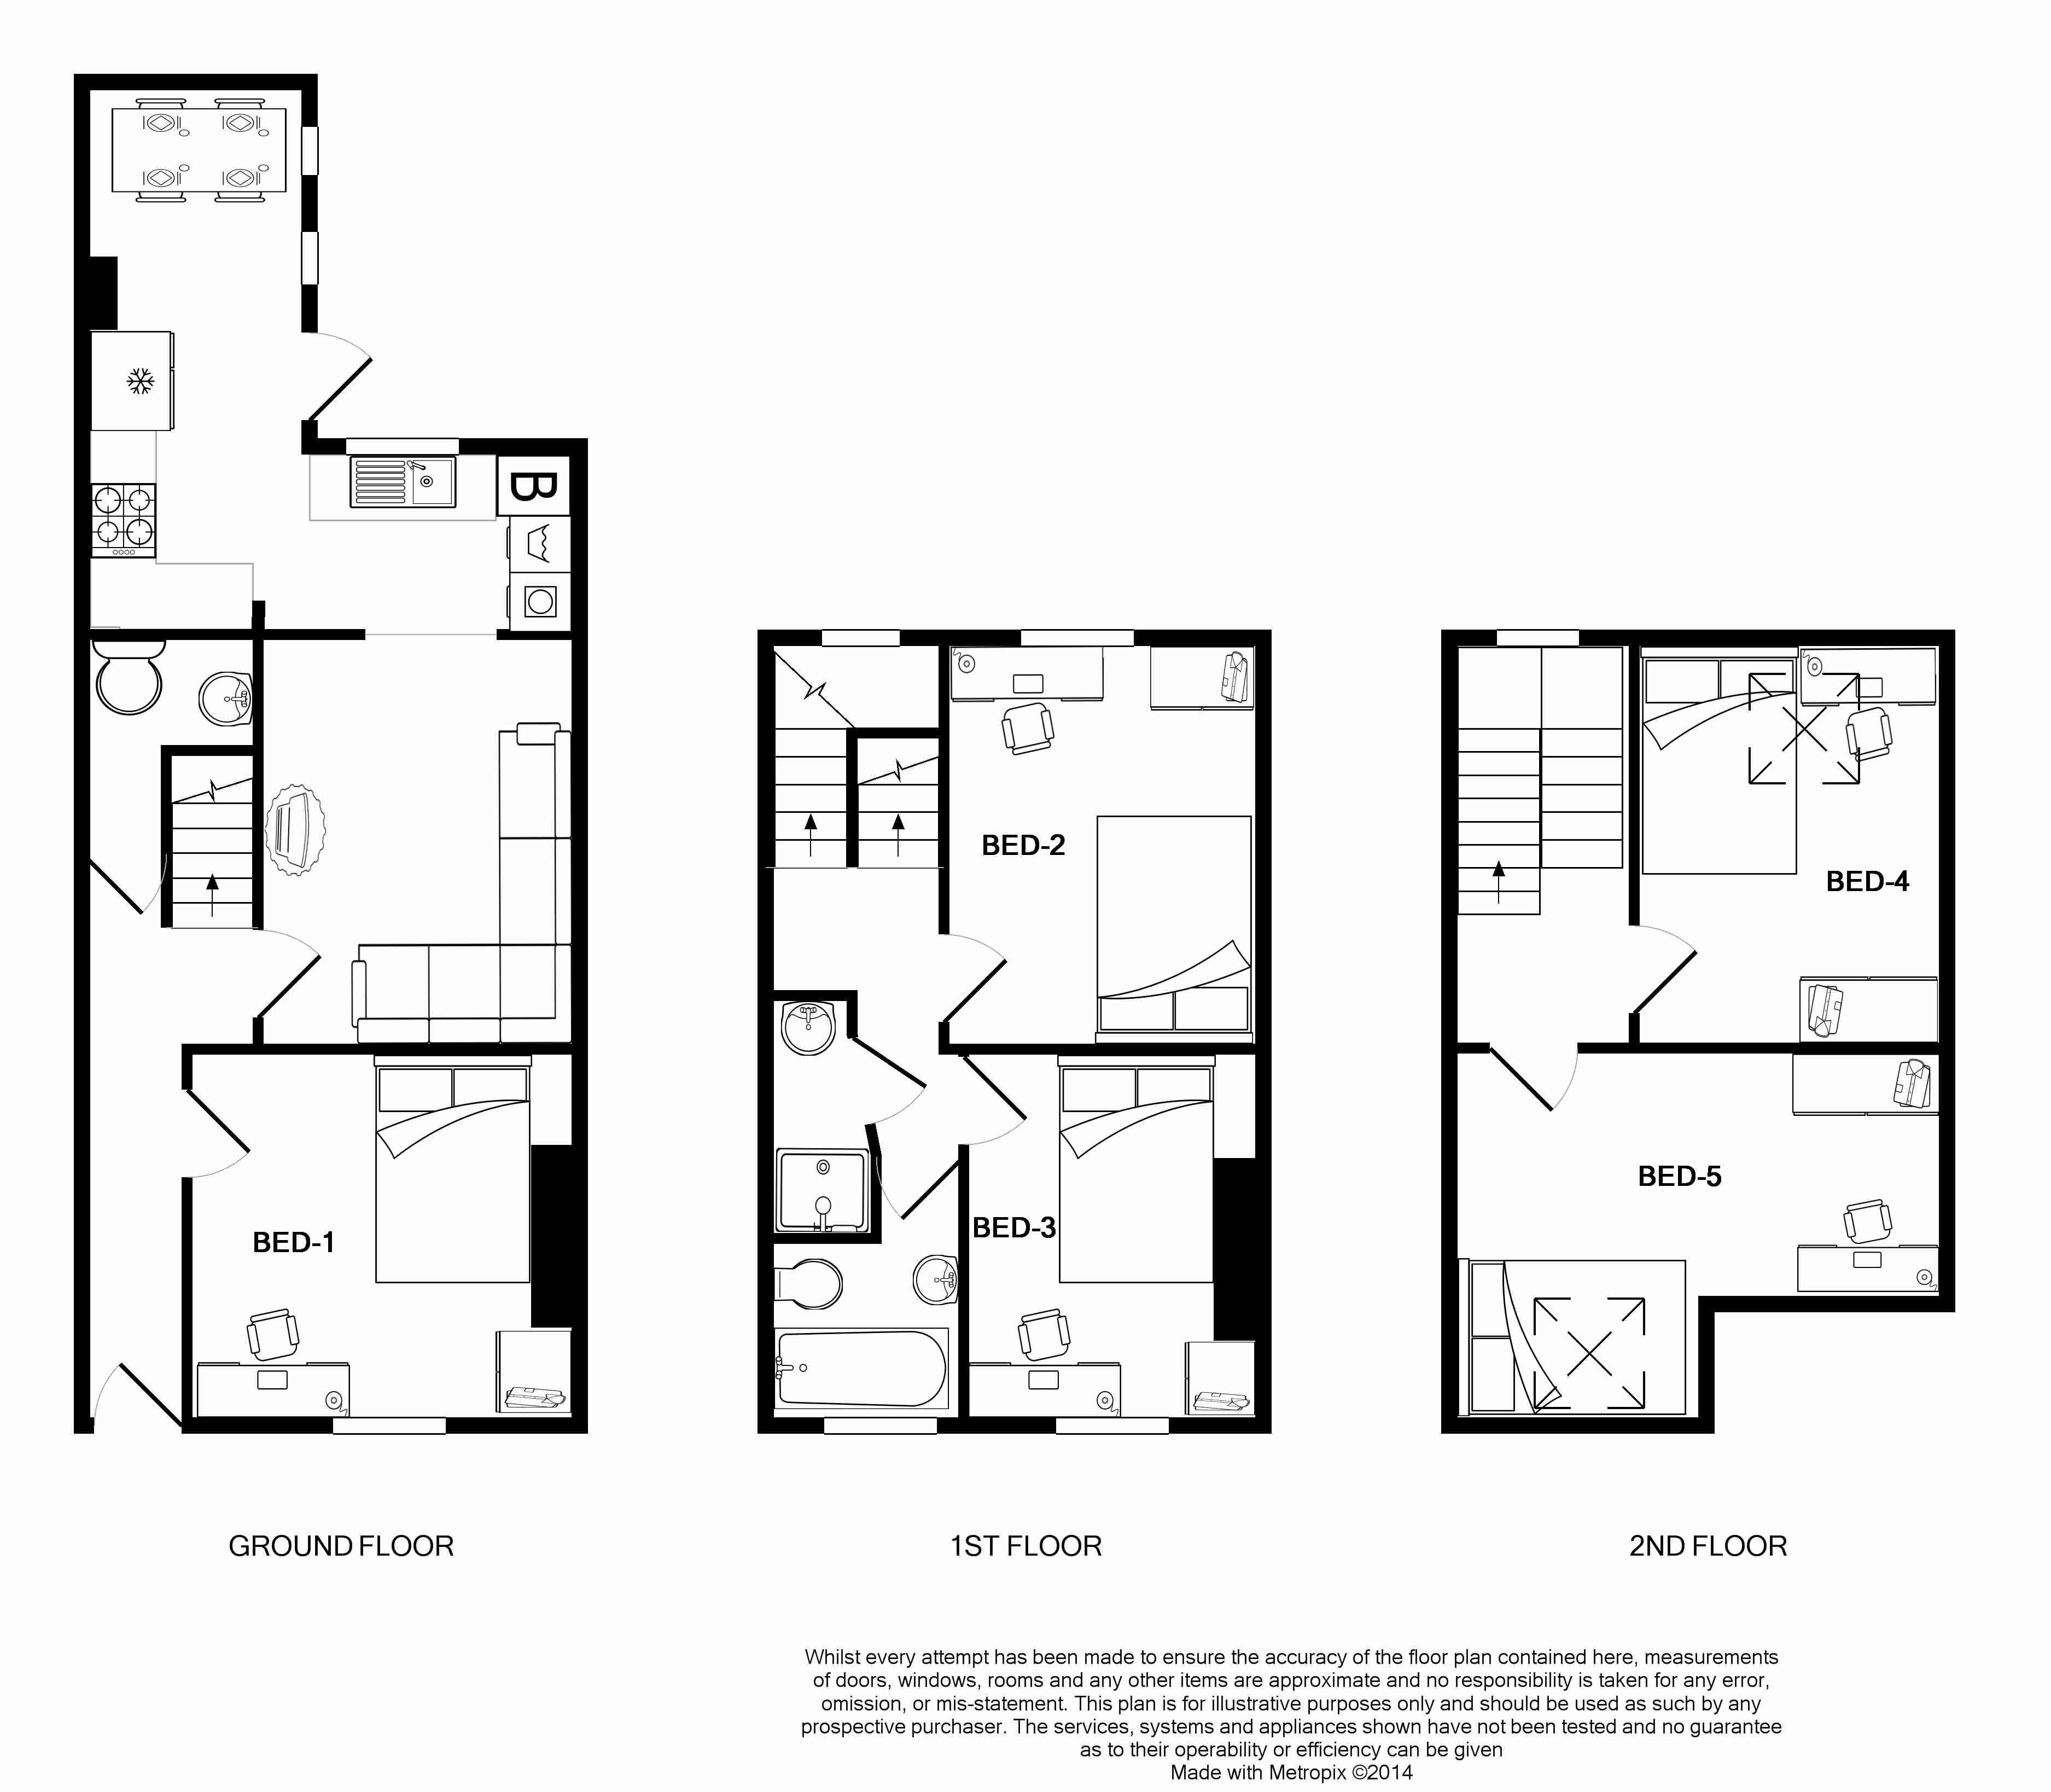 16 Victoria Street Floorplans